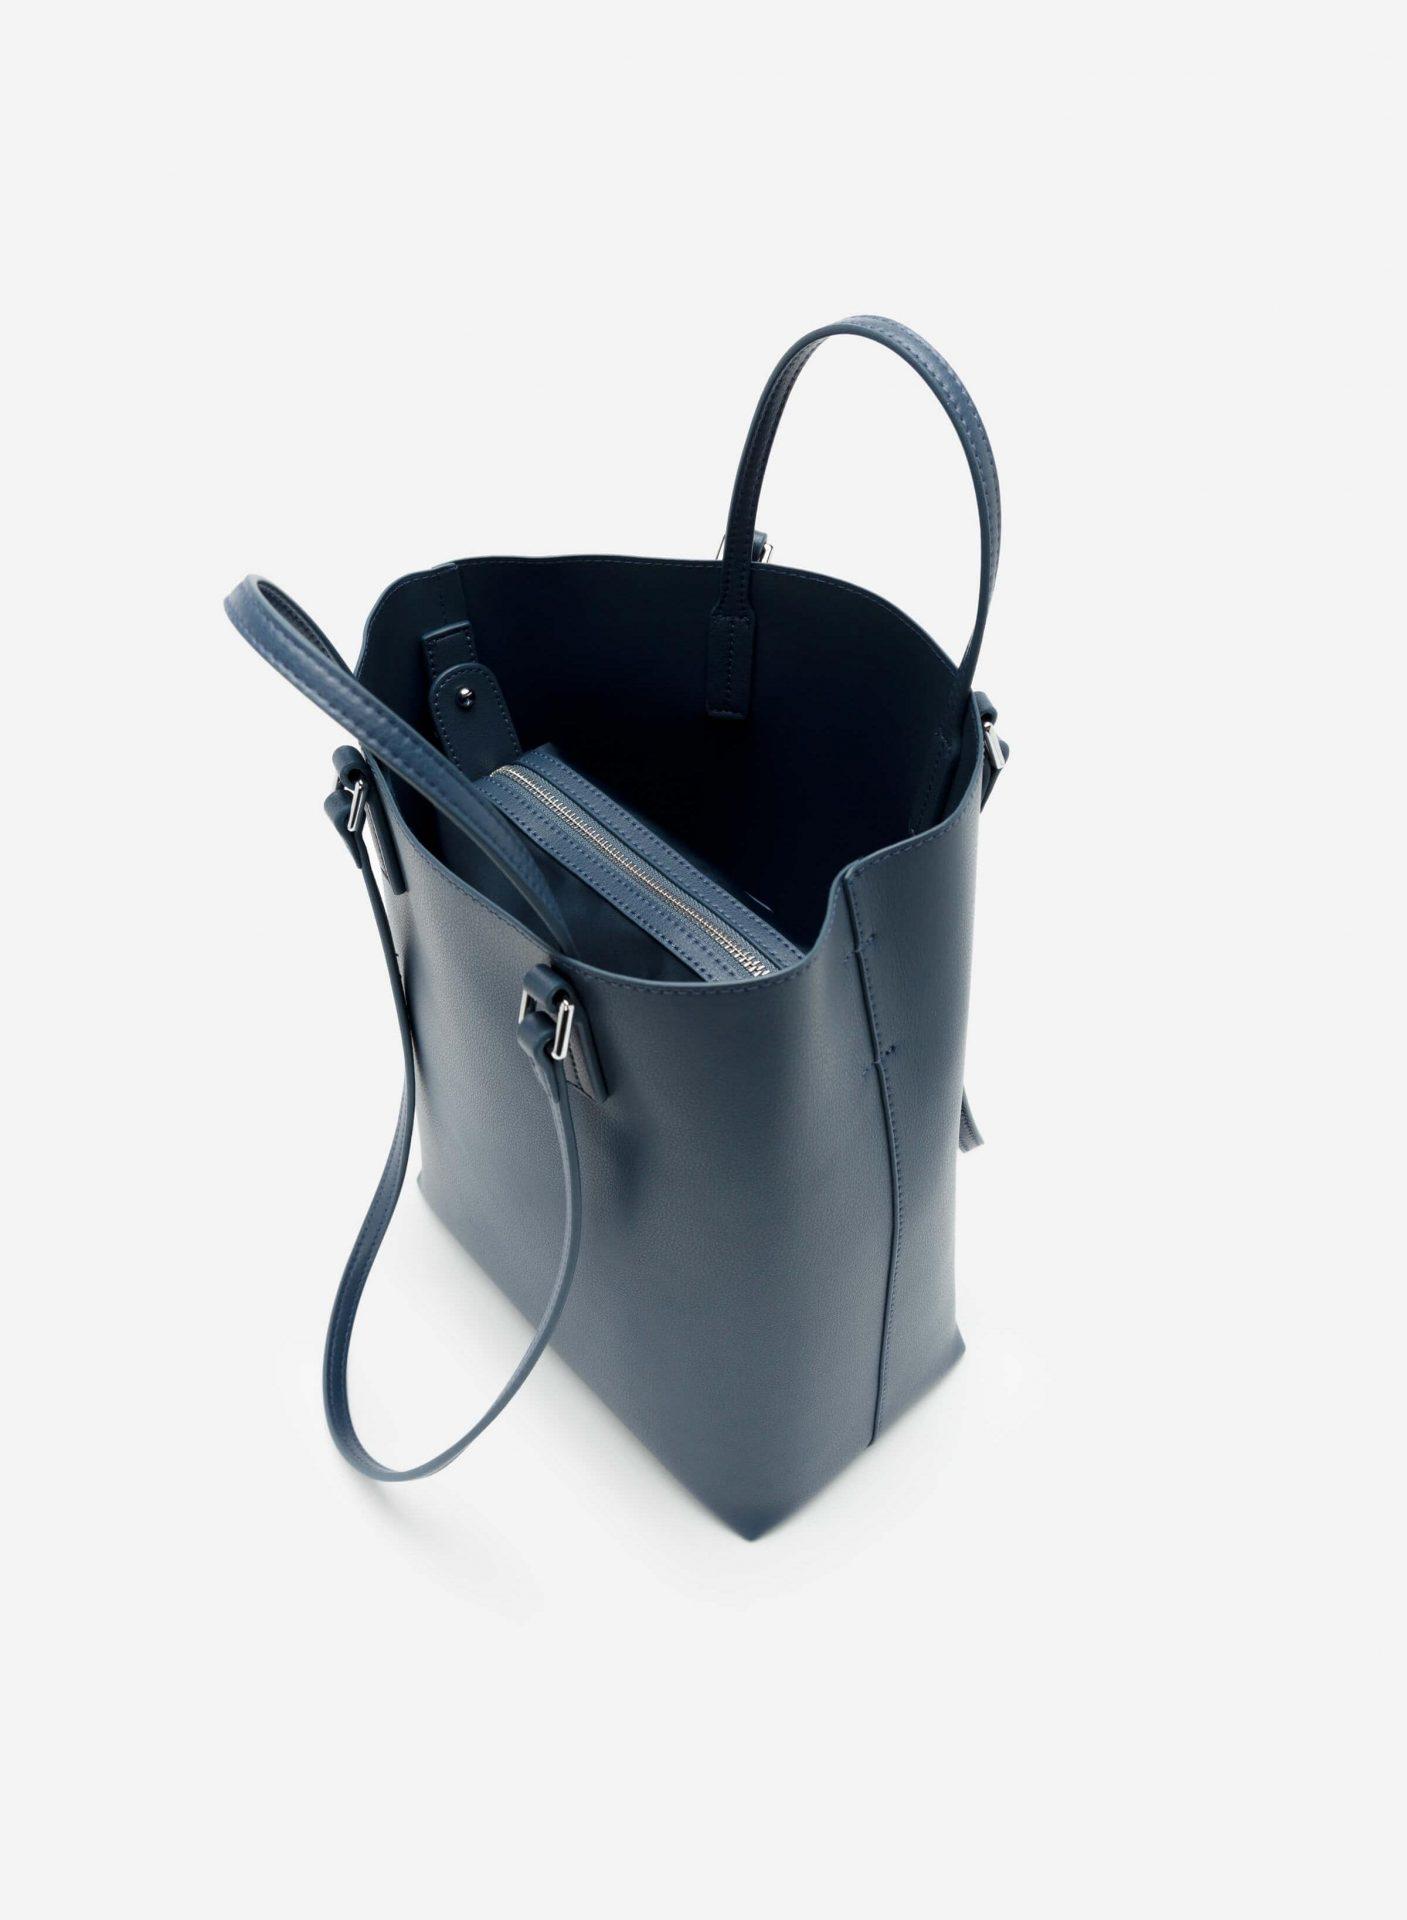 Túi tote công sở Vascara với 4 quai đa năng đầy cá tính